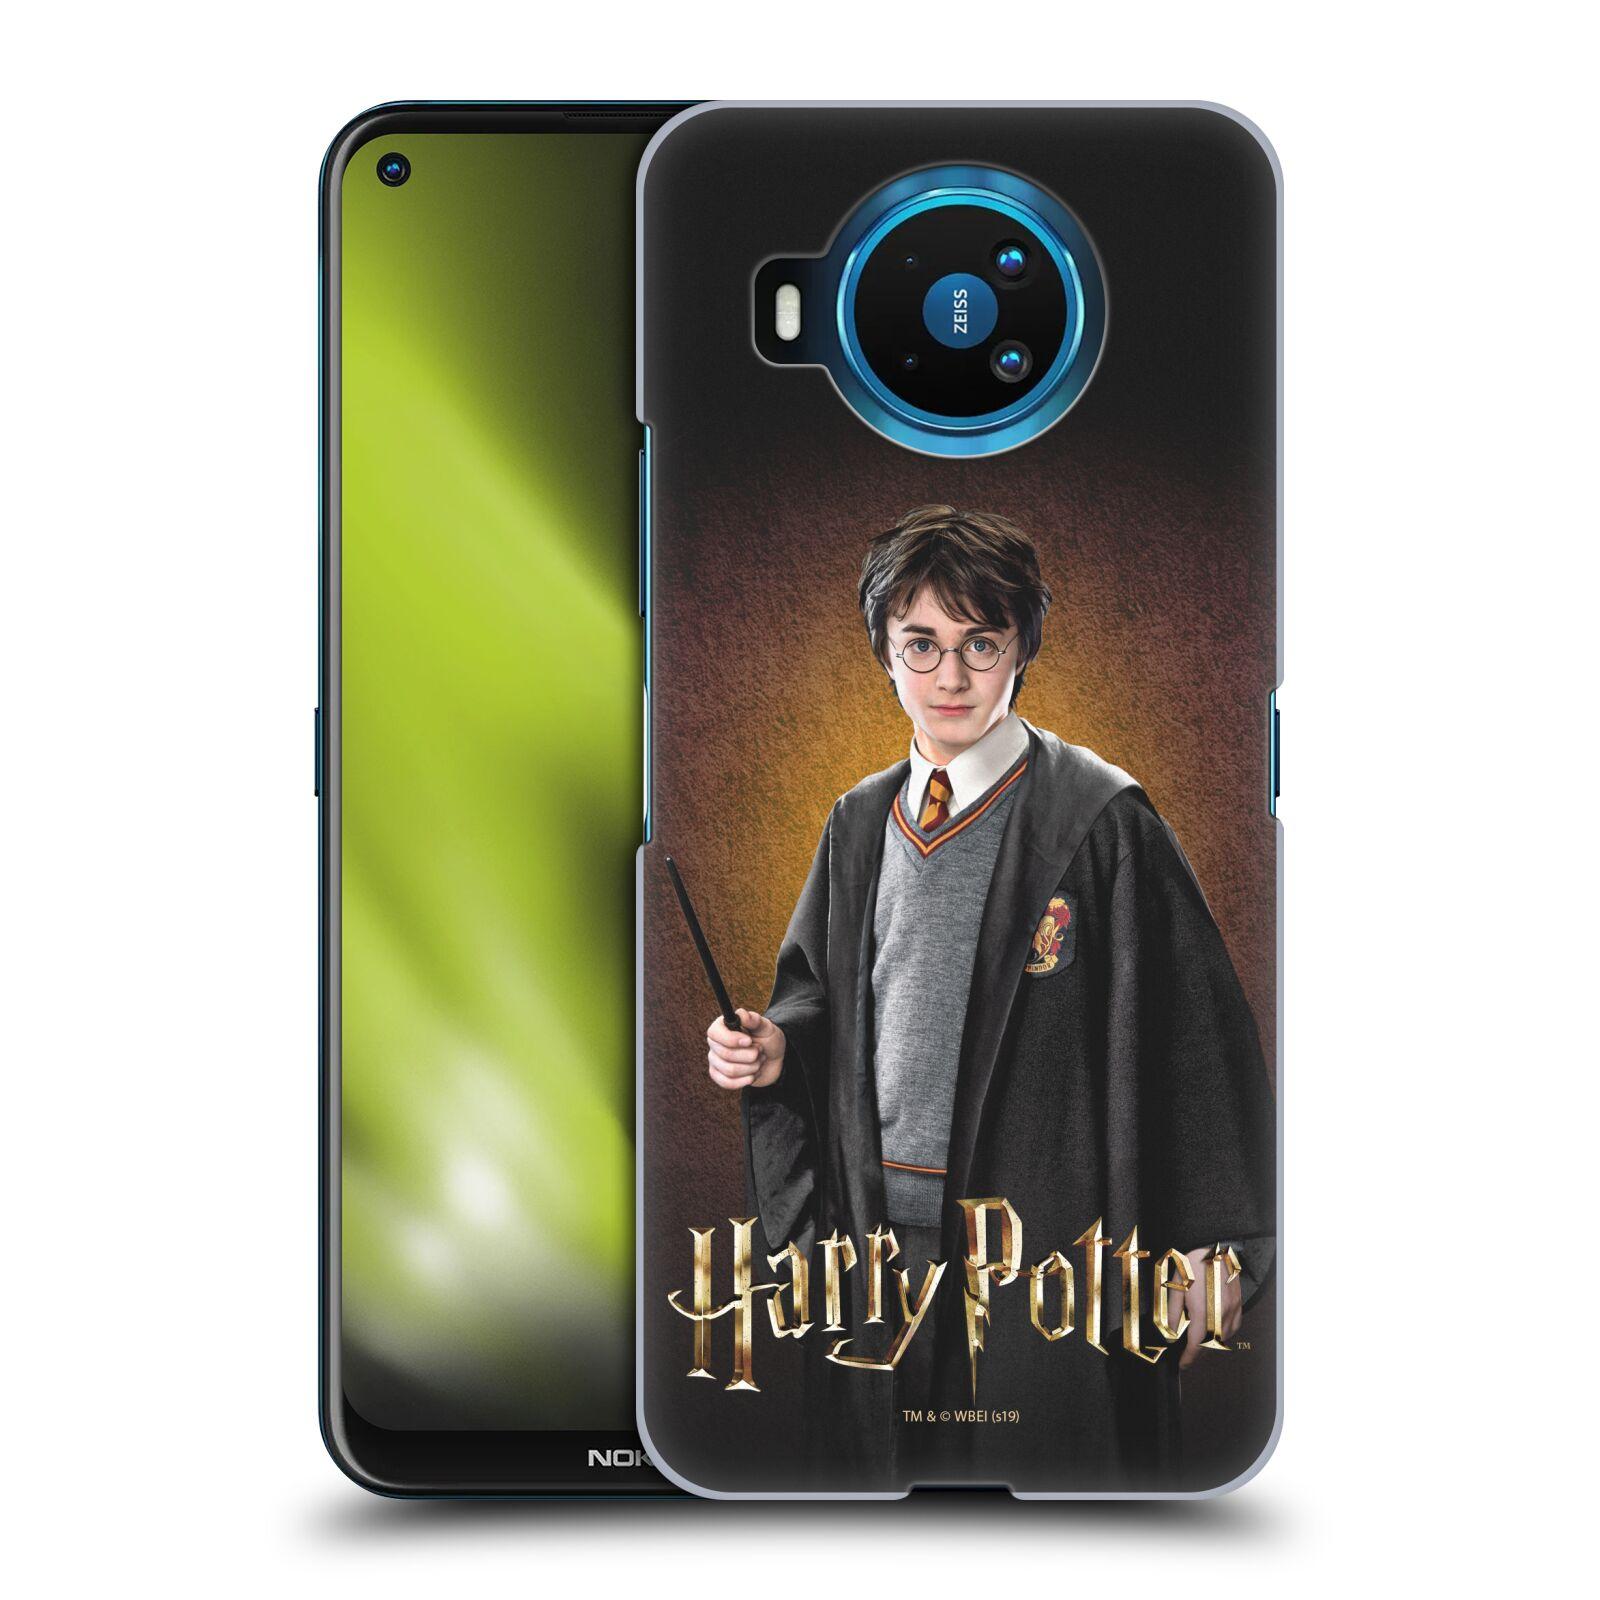 Plastové pouzdro na mobil Nokia 8.3 5G - Harry Potter - Malý Harry Potter